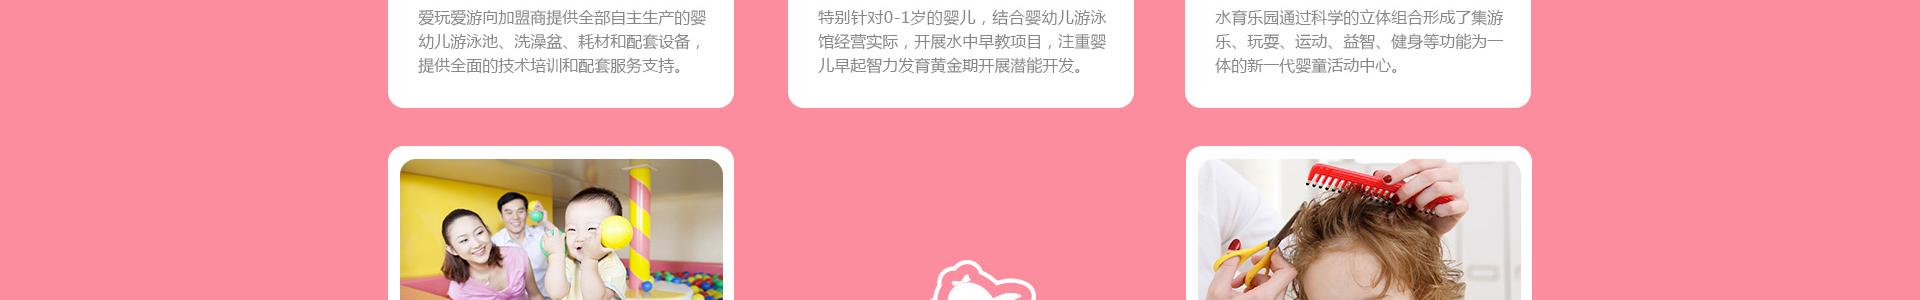 爱玩爱游亲子成长中心aiwanay_27